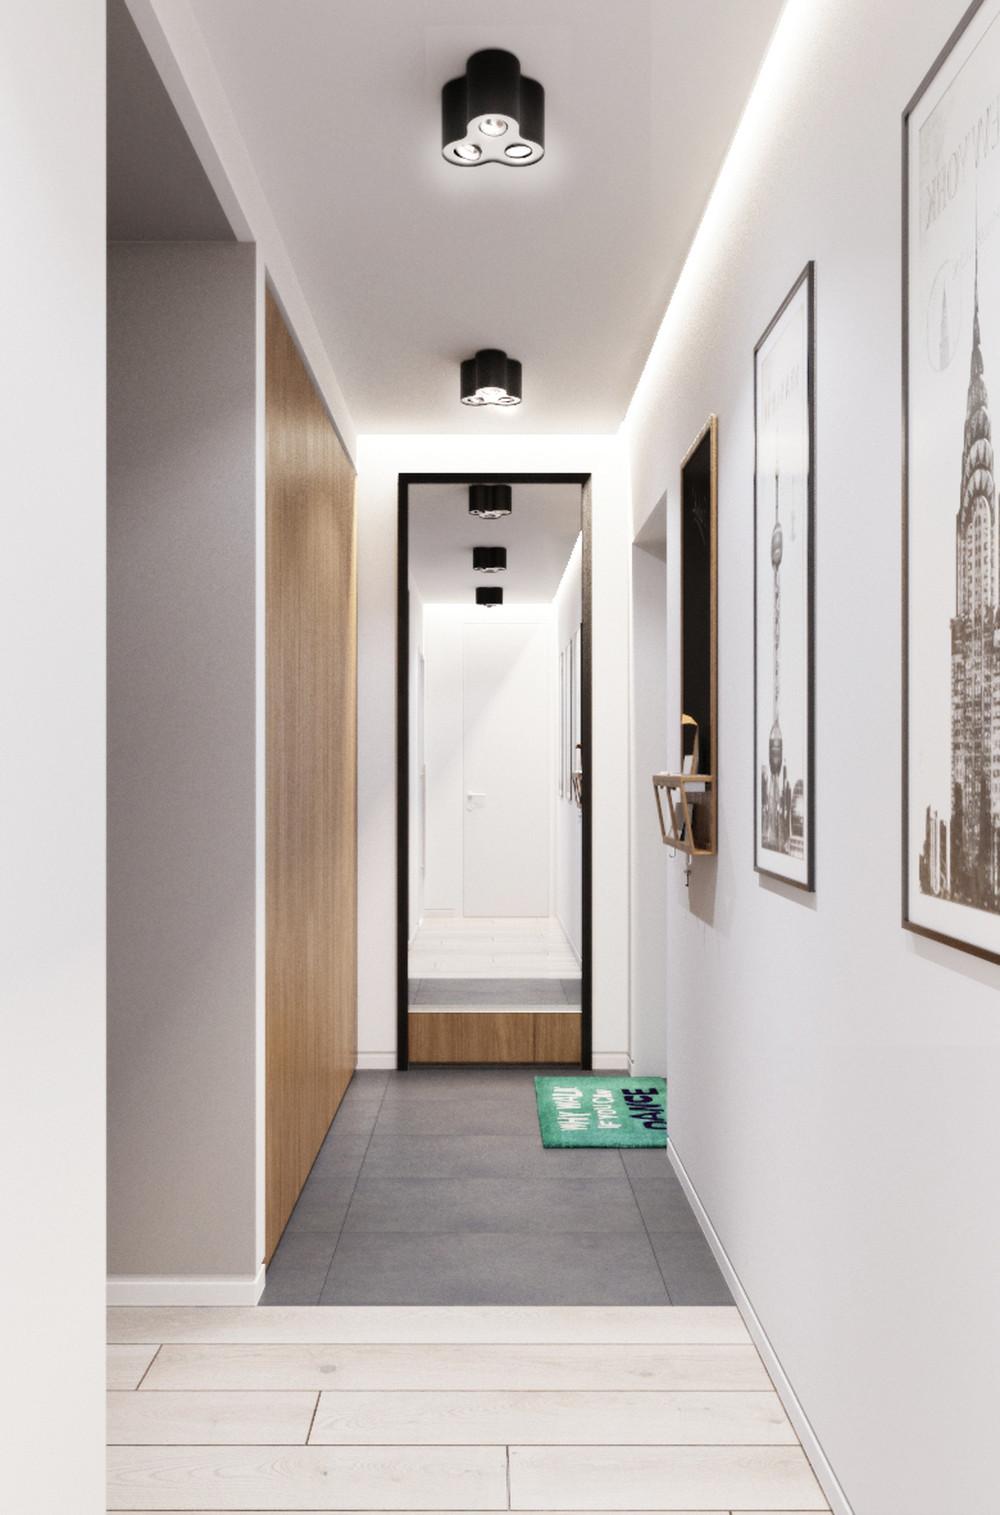 Wedo thiết kế nội thất đơn giản, sáng tạo cho chung cư nhỏ